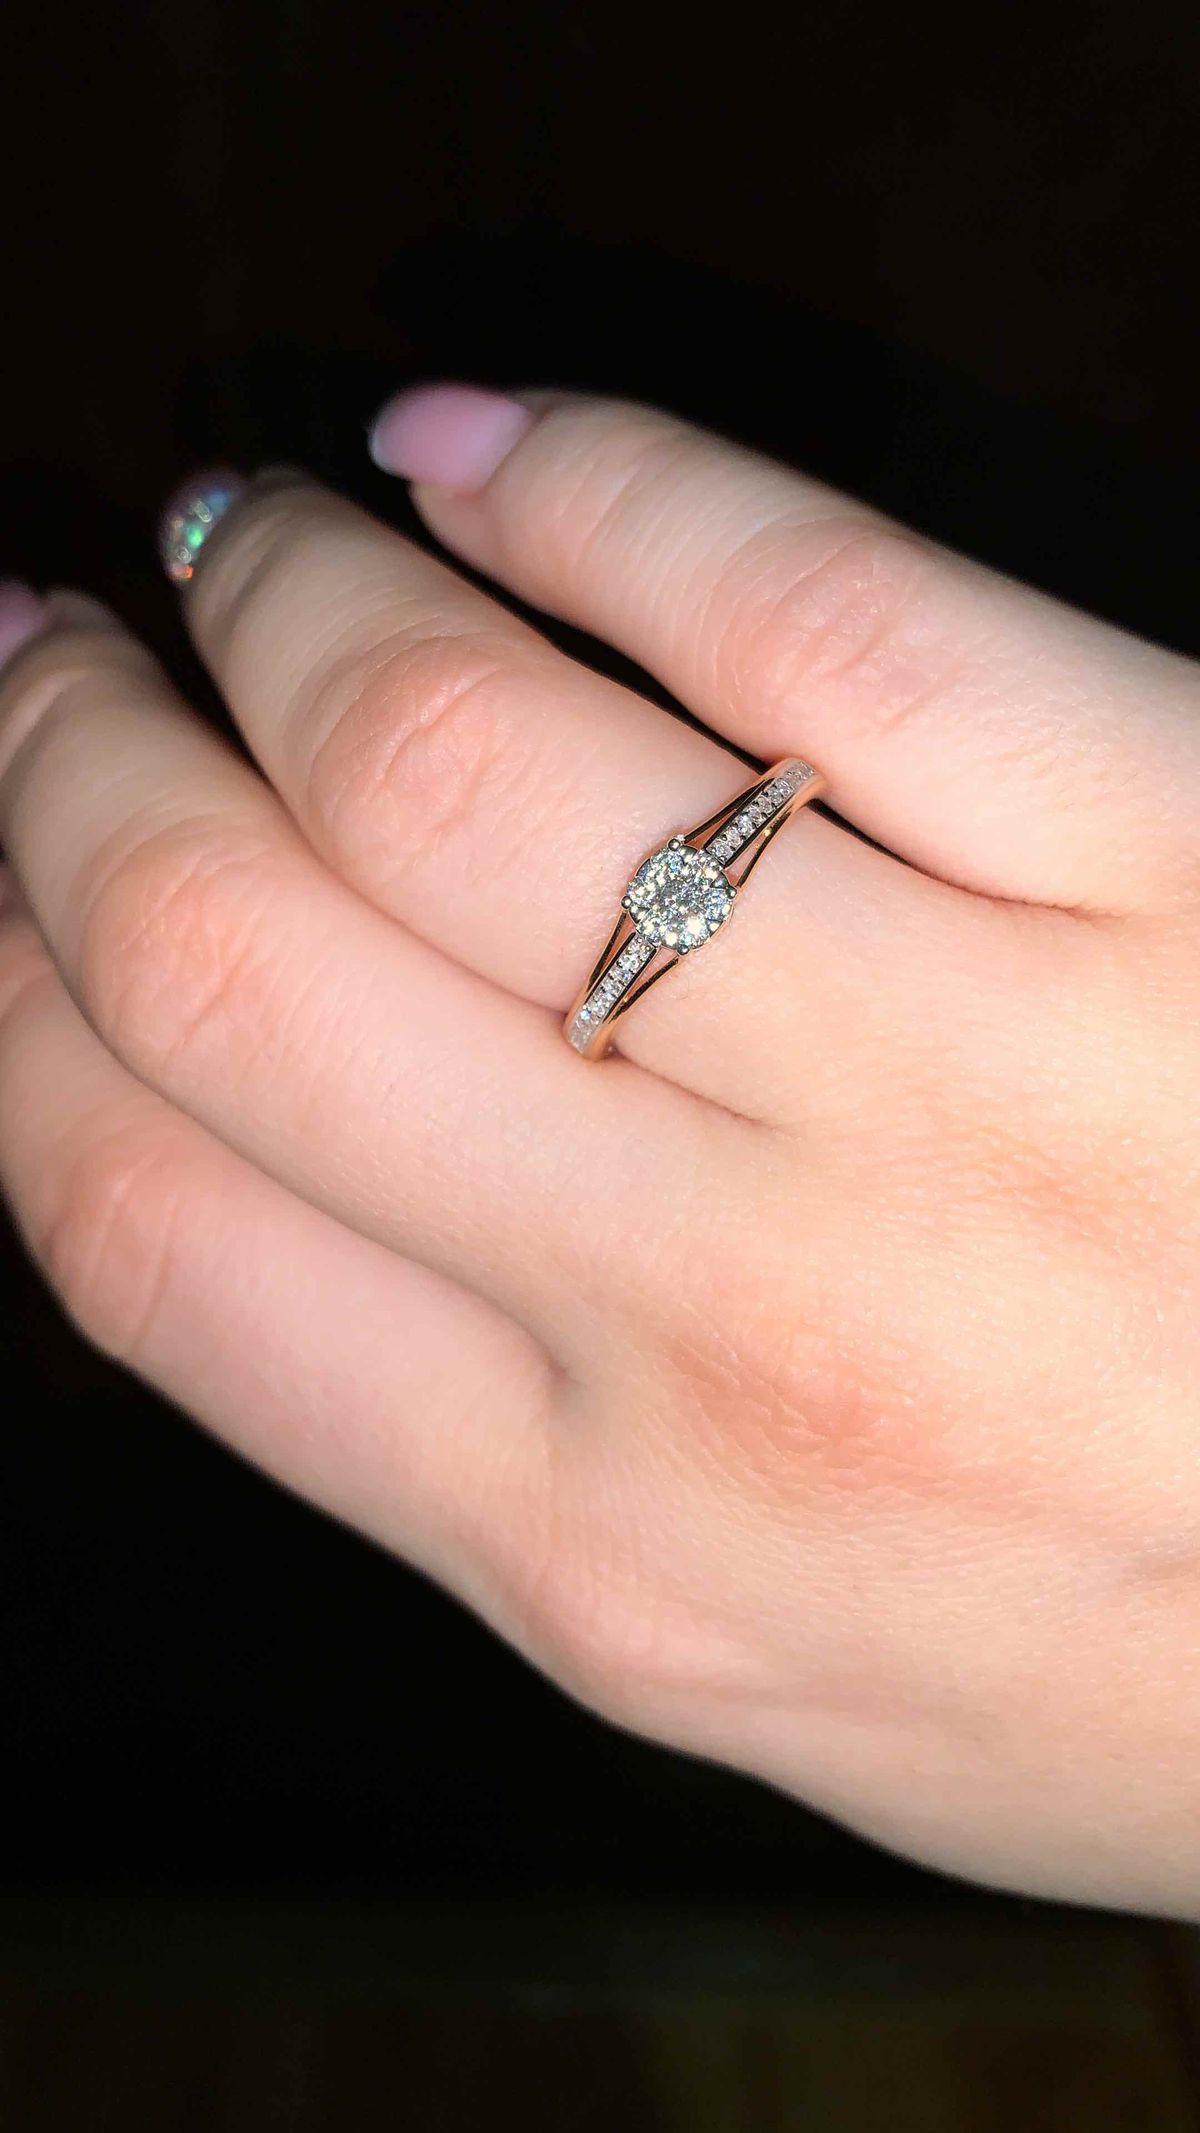 Муж подарил кольцо и оно нереальное!!!